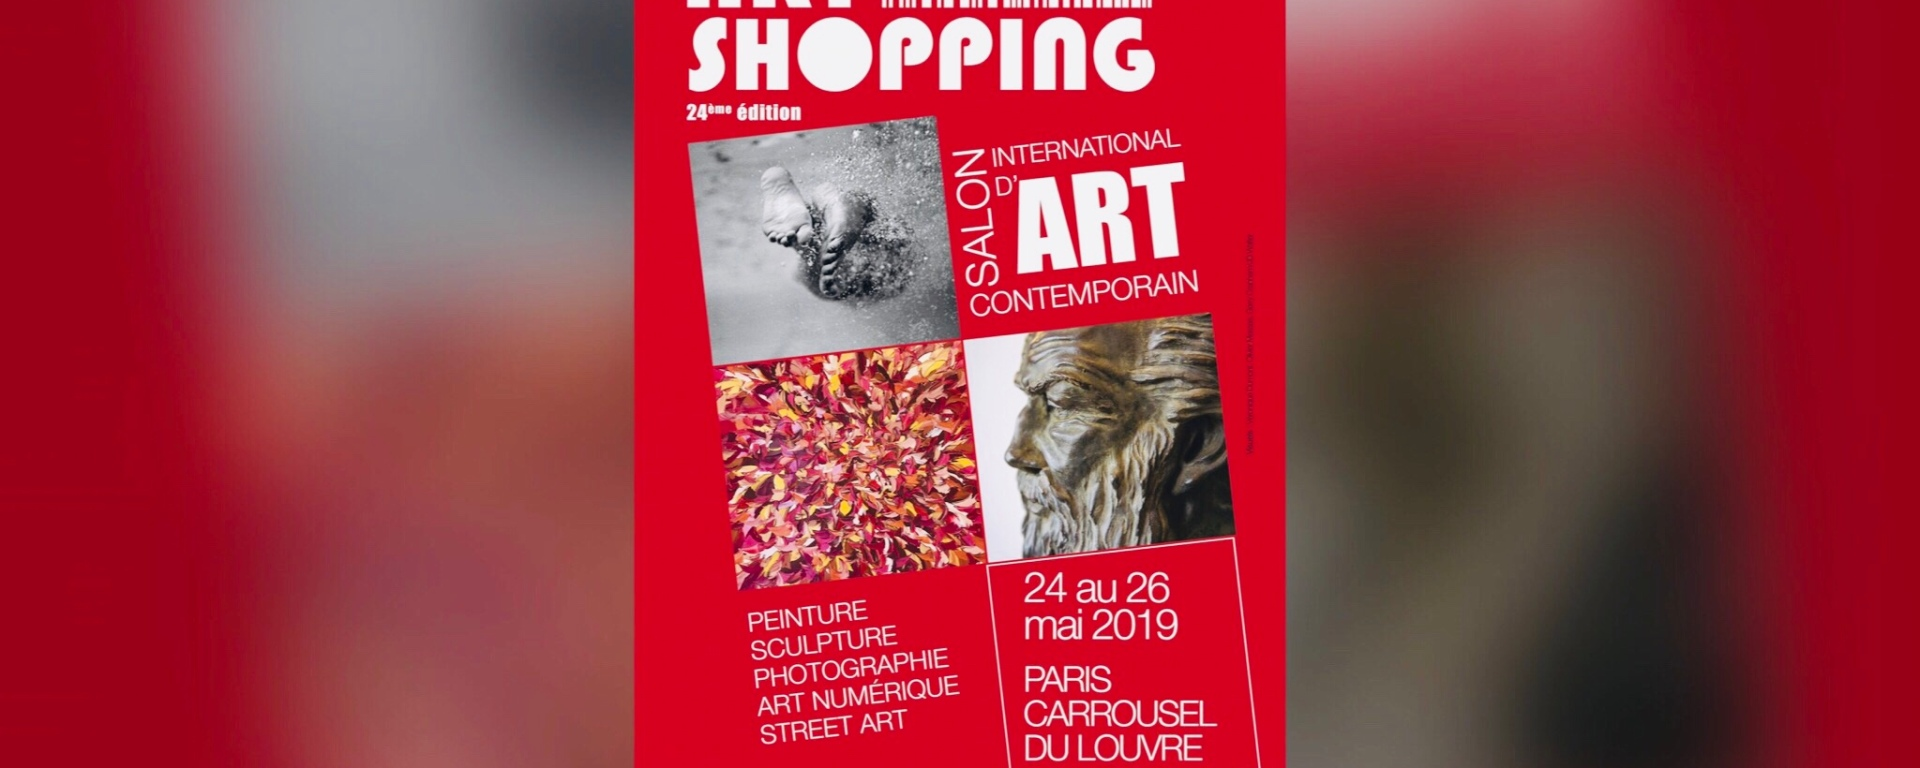 Affiche Art Shopping